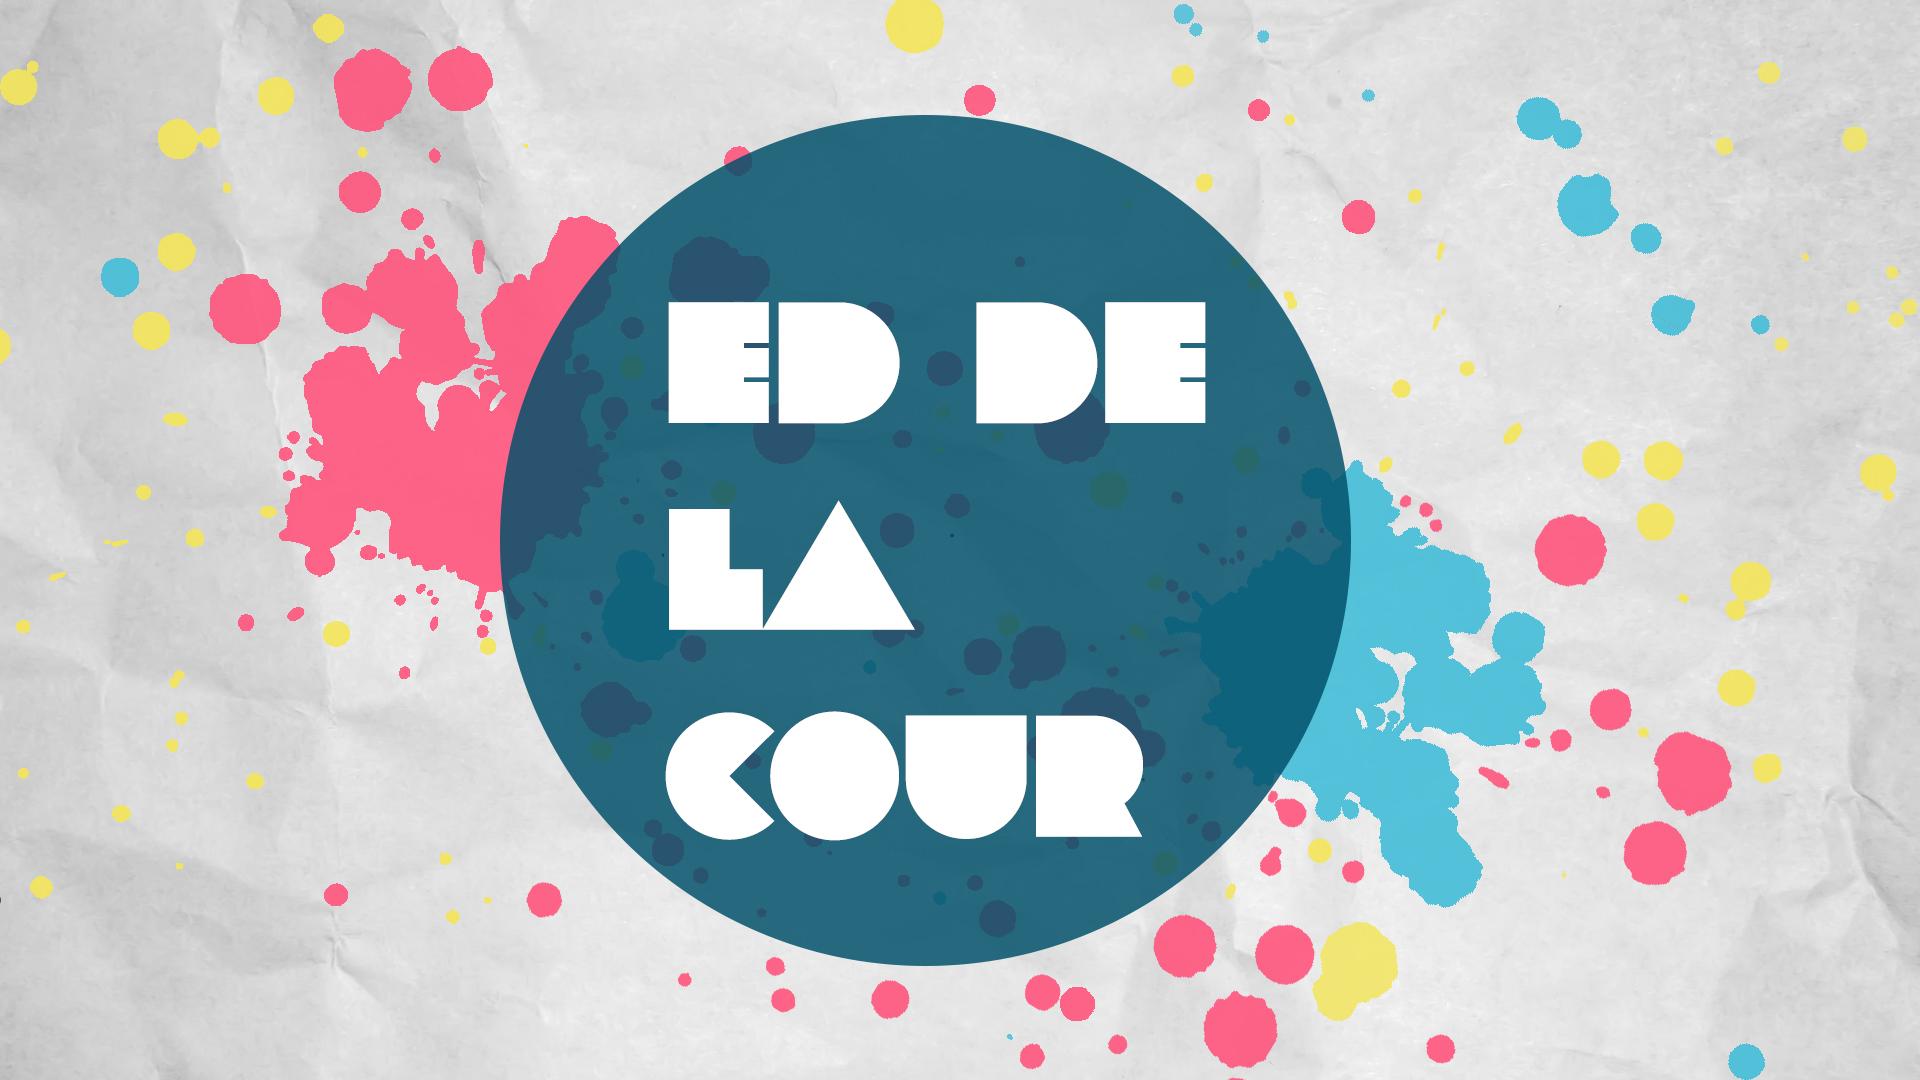 ed-de-la-cour